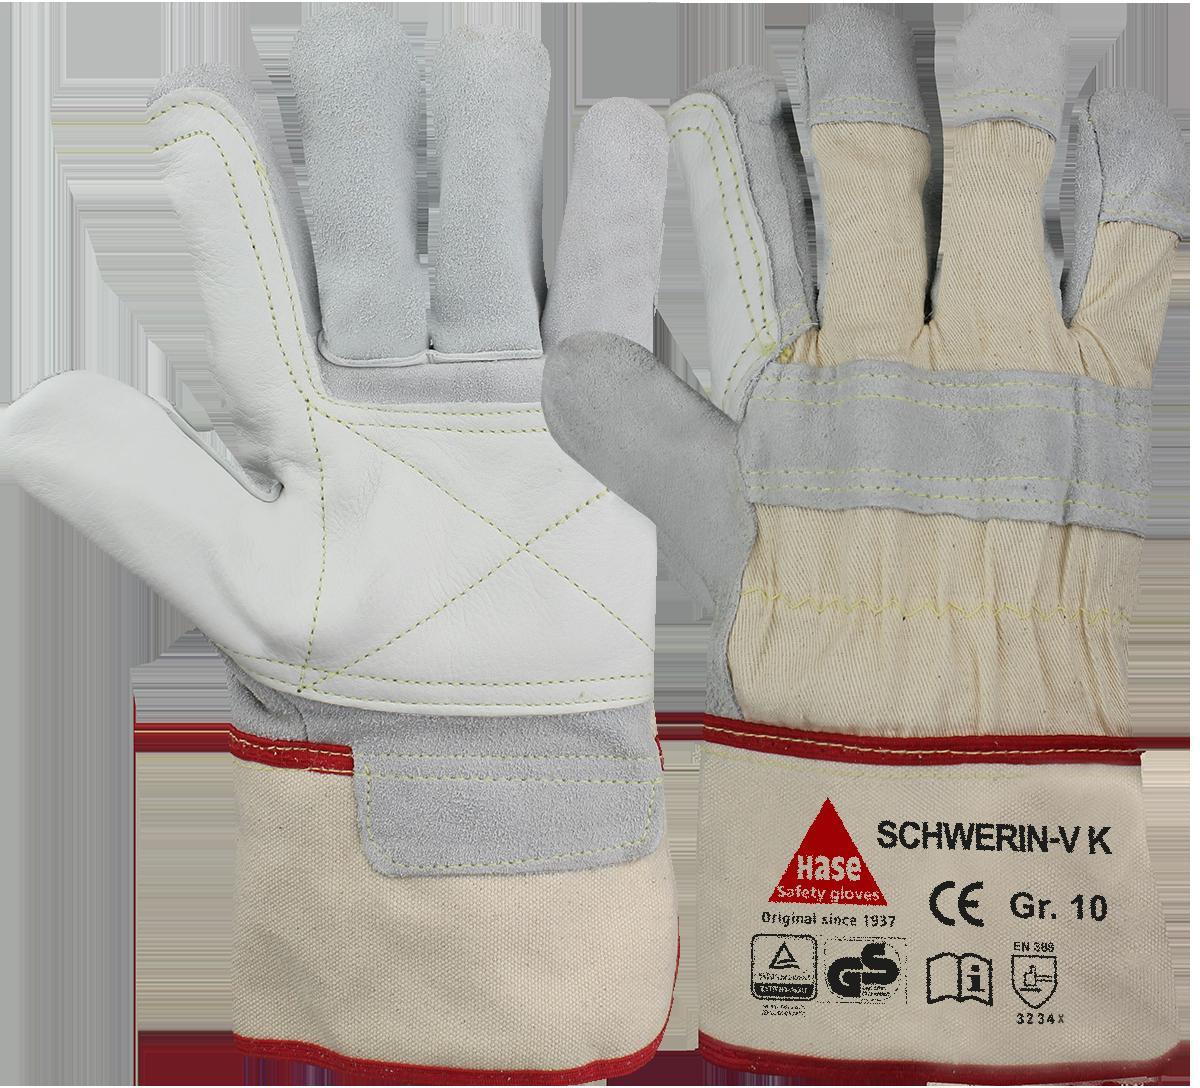 SCHWERIN-V K, Arbeitshandschuh, Rindspalt-/Rindnarbenleder, Größe 9